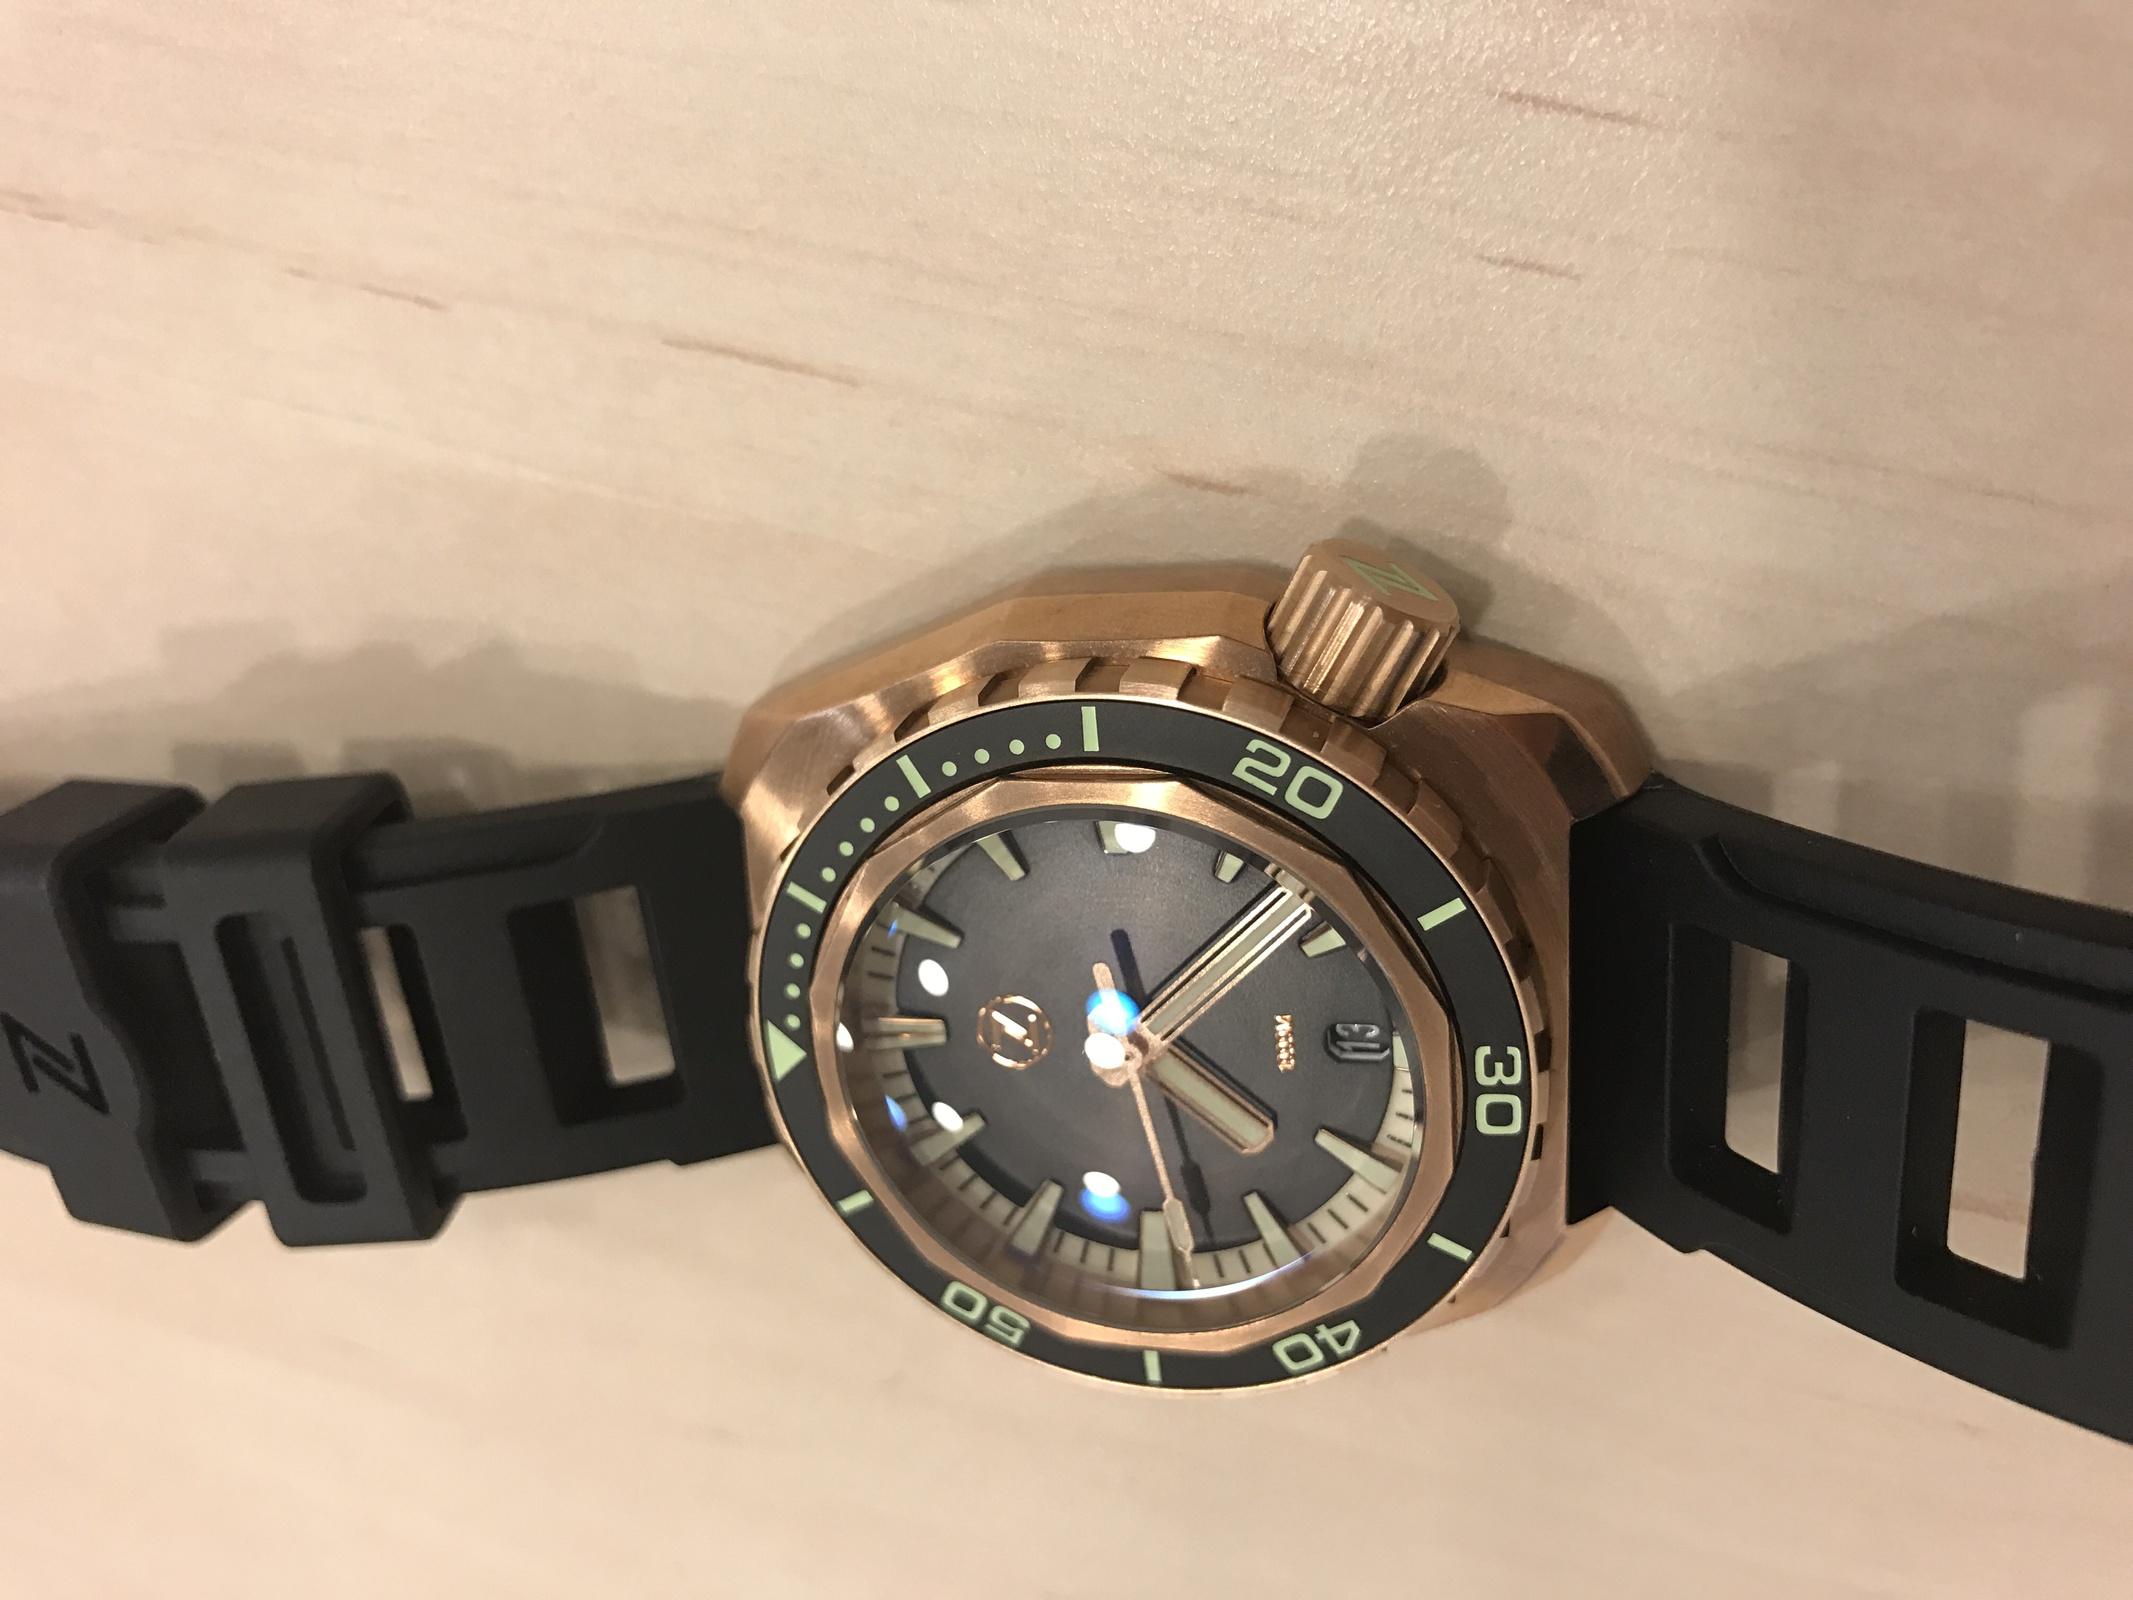 Kaufberatung Bronze-Uhr gesucht mit maximal 43mm Durchmesser ...